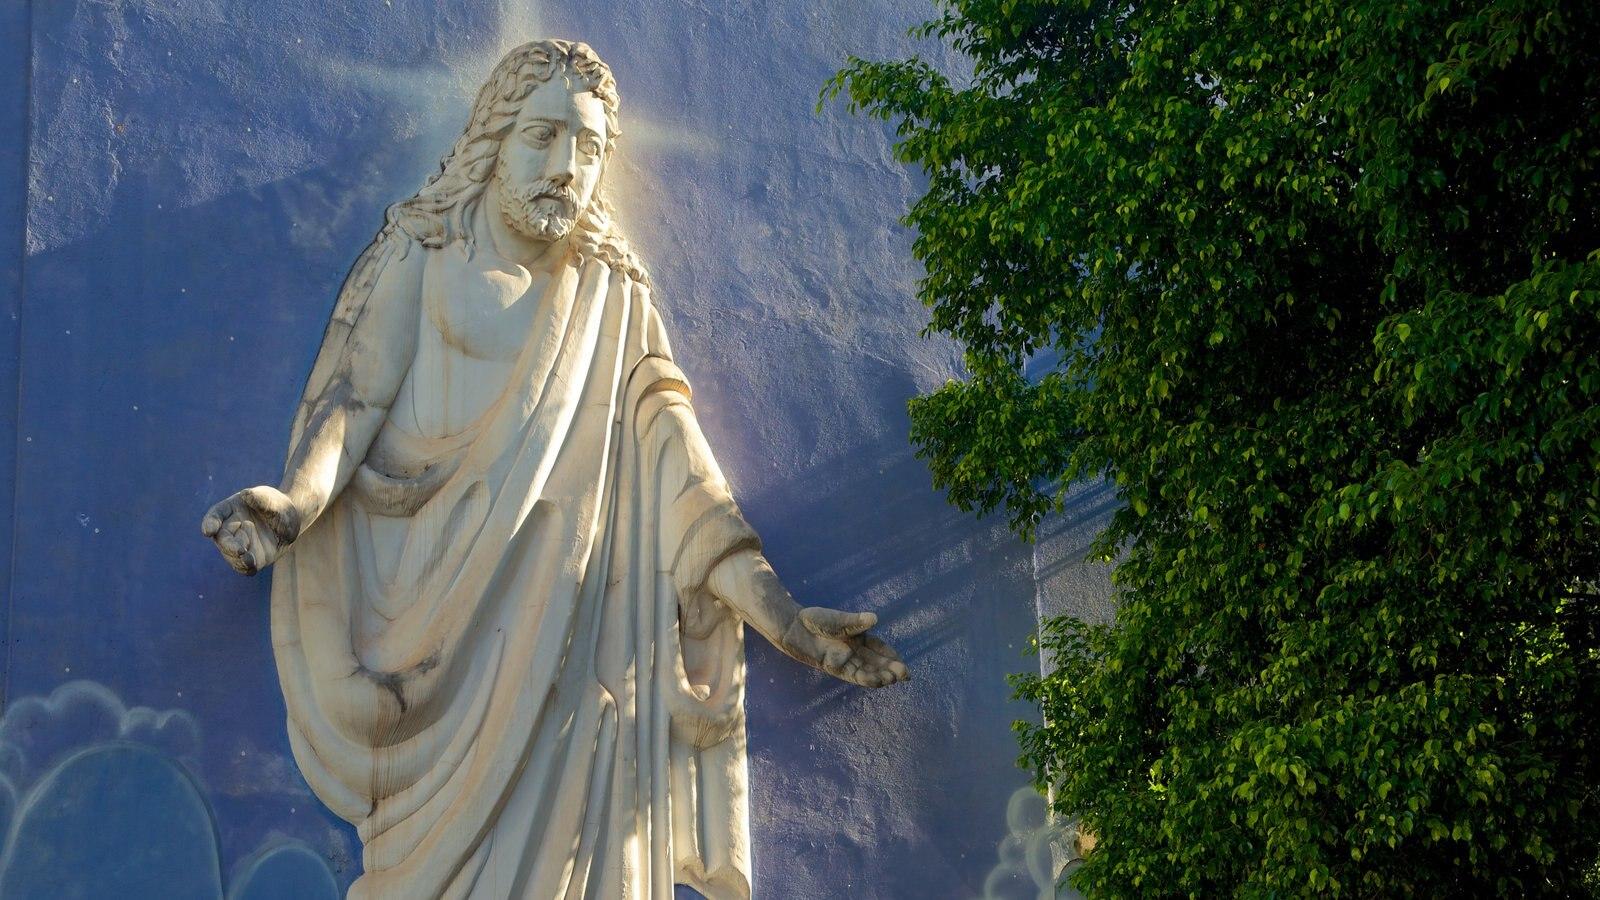 Catedral de São João Batista que inclui uma cidade, uma estátua ou escultura e elementos religiosos